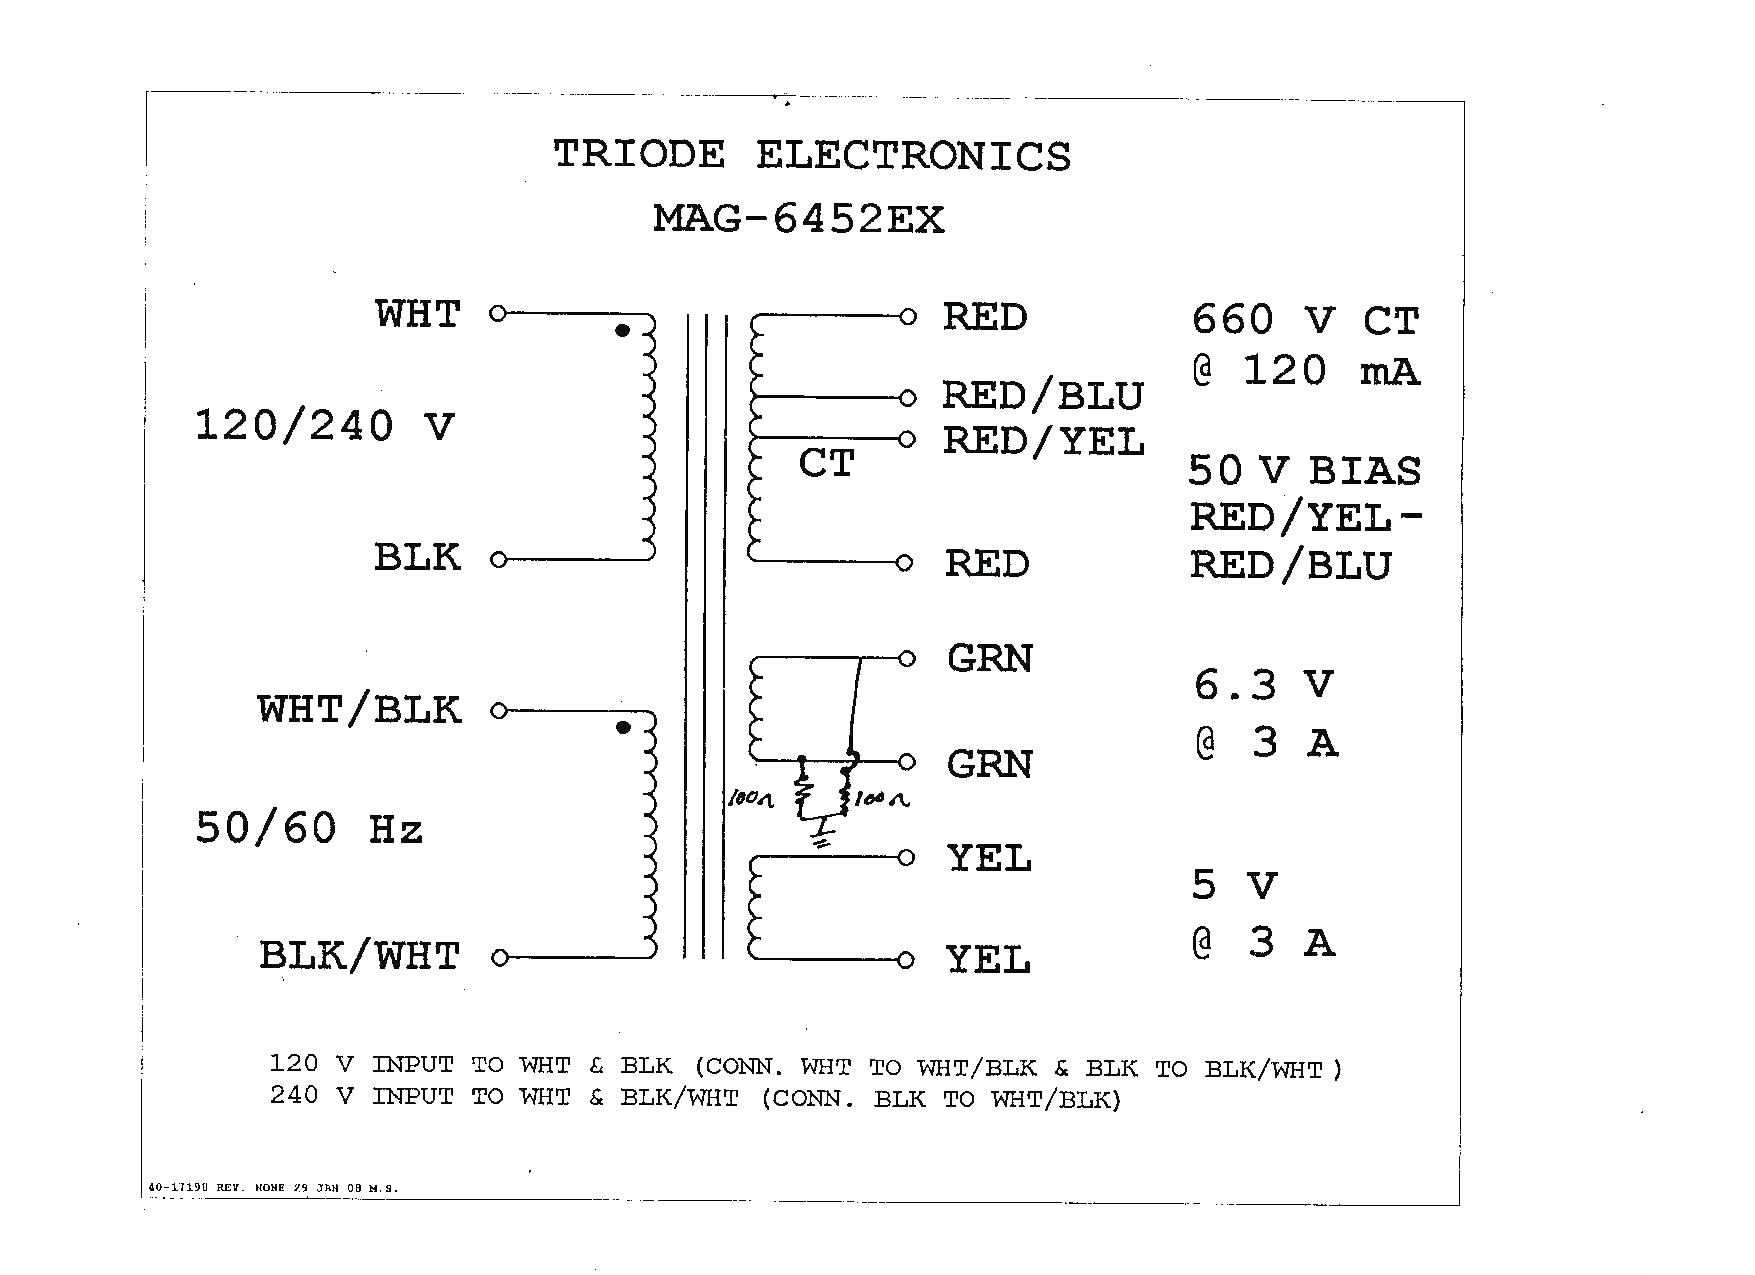 6 lead single phase motor wiring diagram best of 6 lead single phase motor wiring diagram zookastar jpg